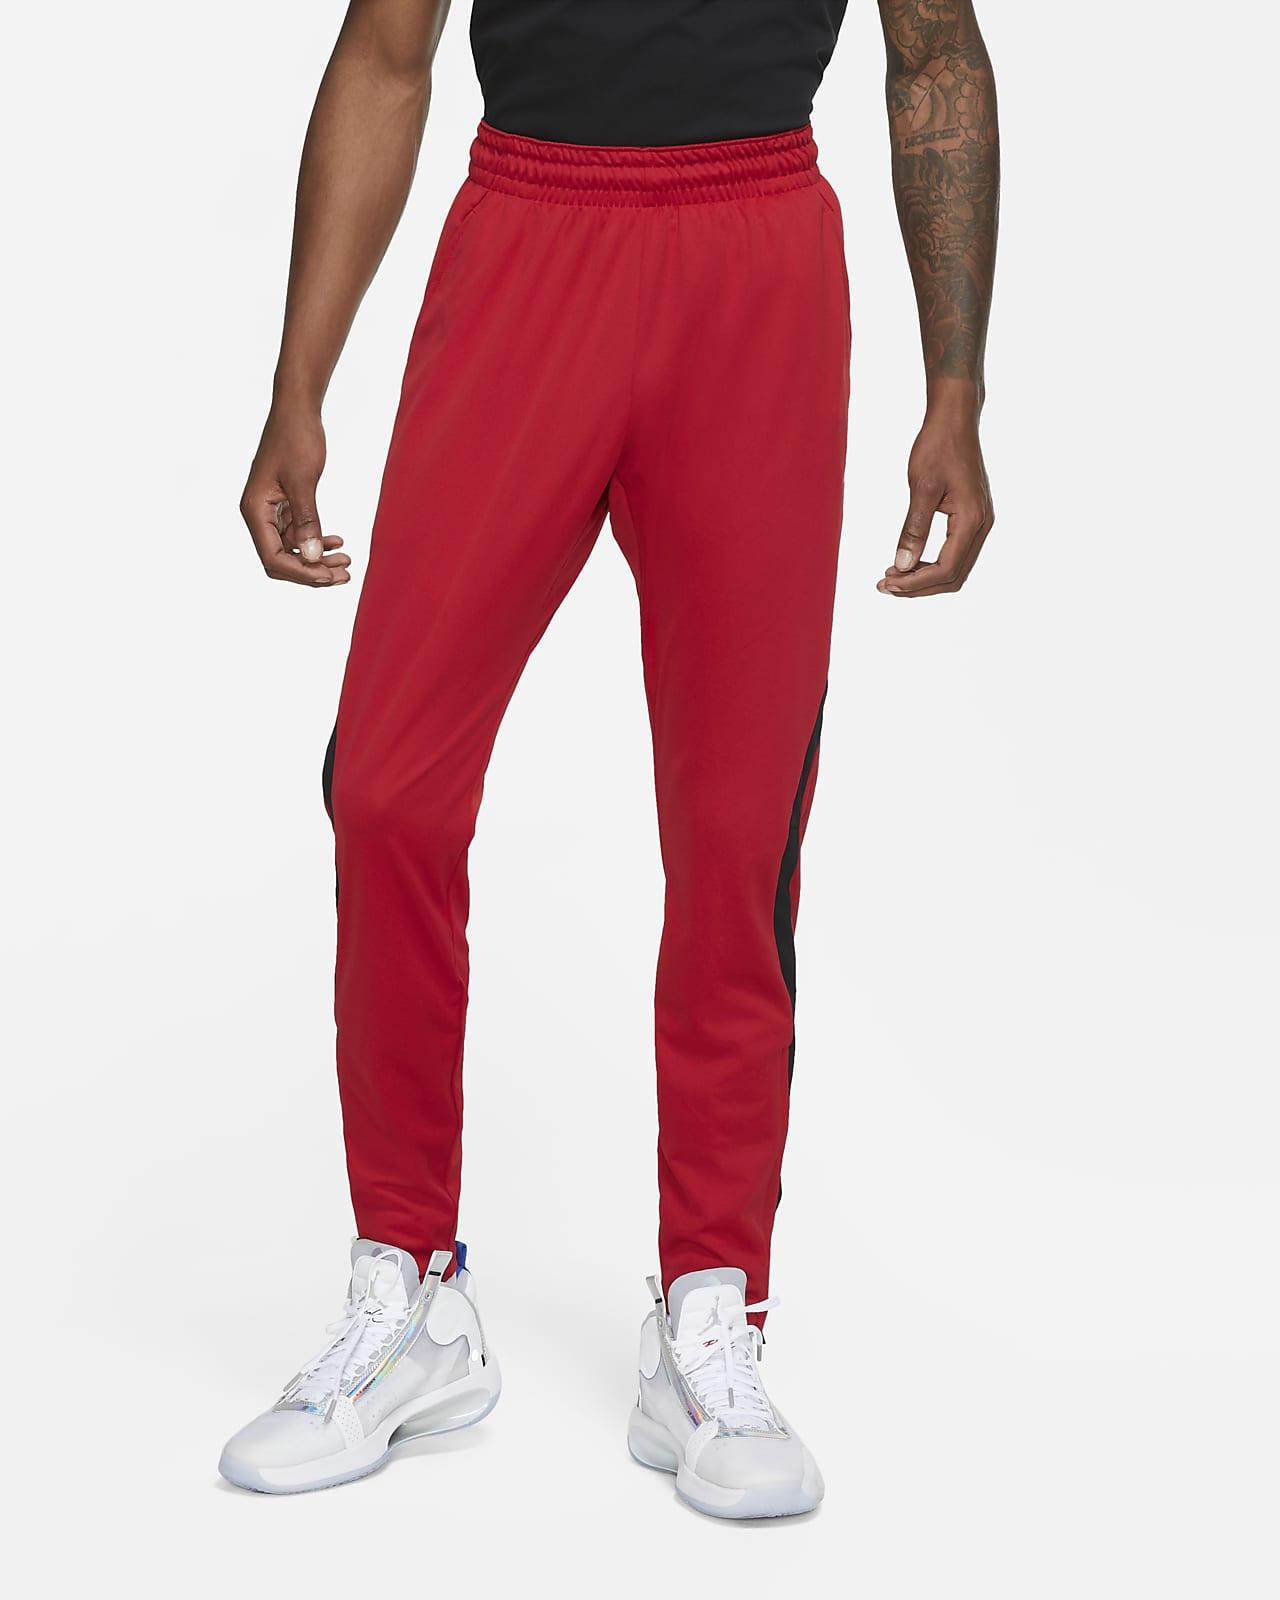 Jordan Dri-FIT Air Pantalons de teixit Knit - Home